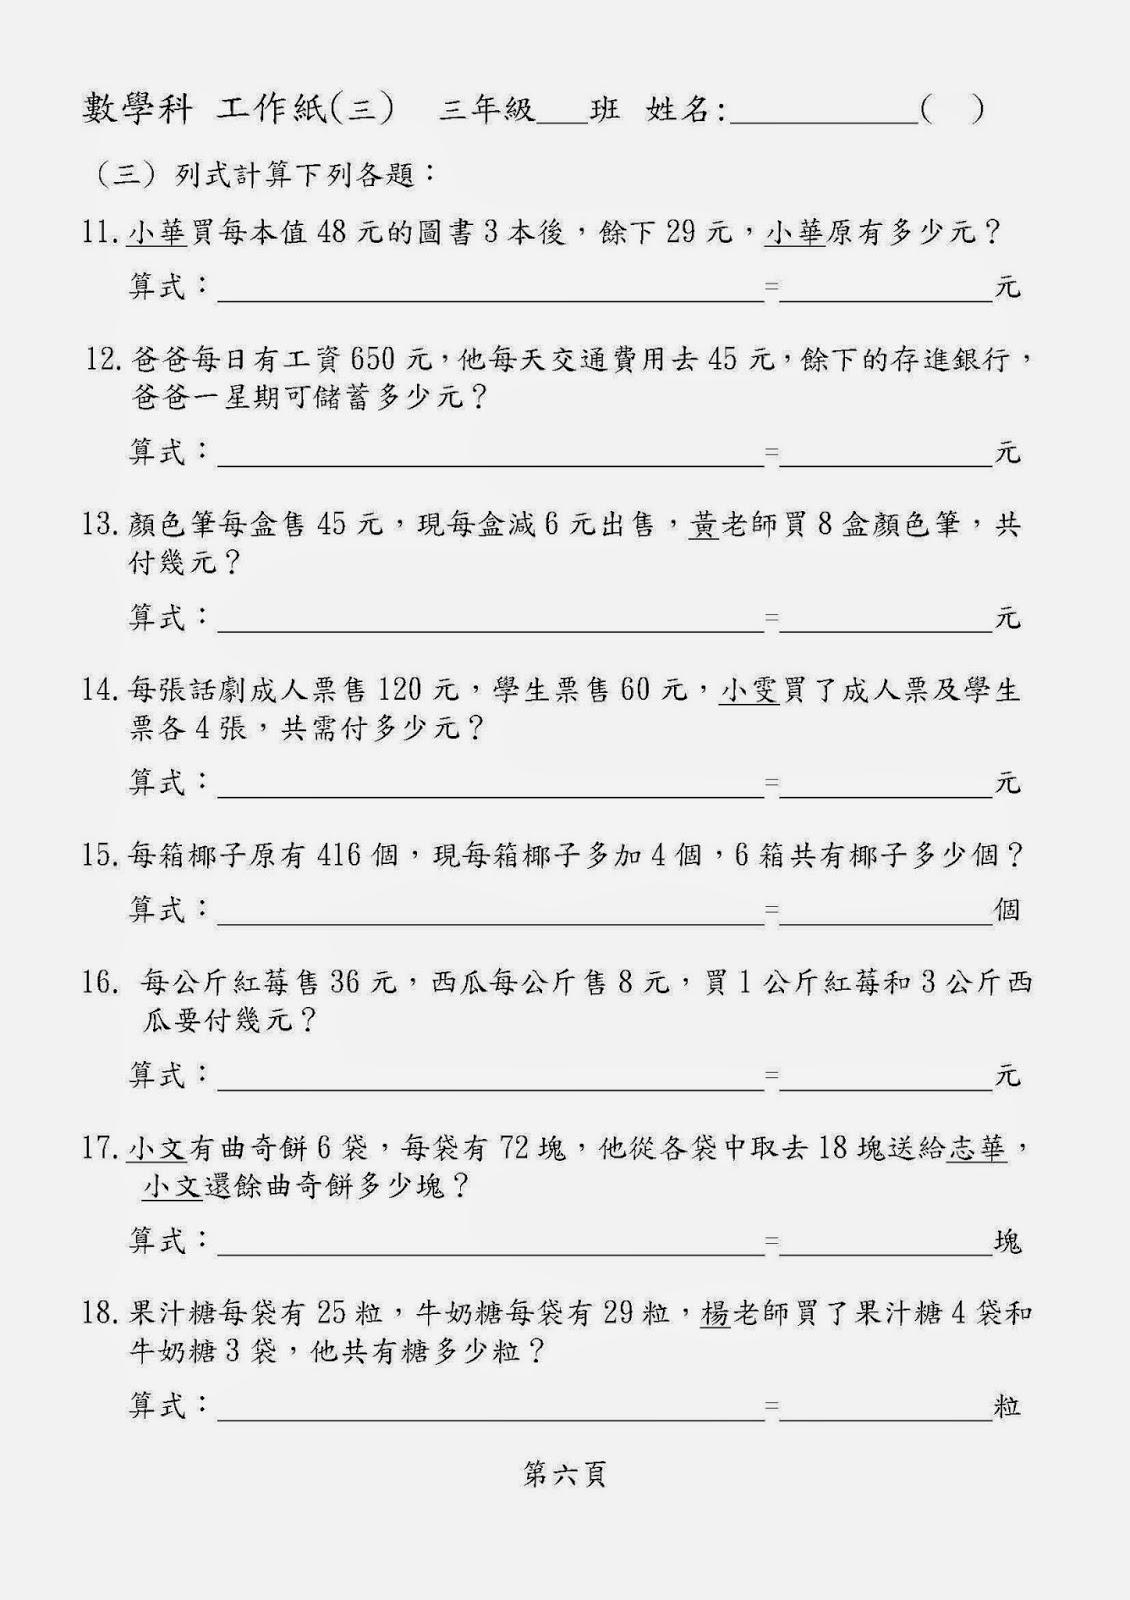 小一工作紙   [組圖+影片] 的最新詳盡資料** (必看!!) - www.go2tutor.com